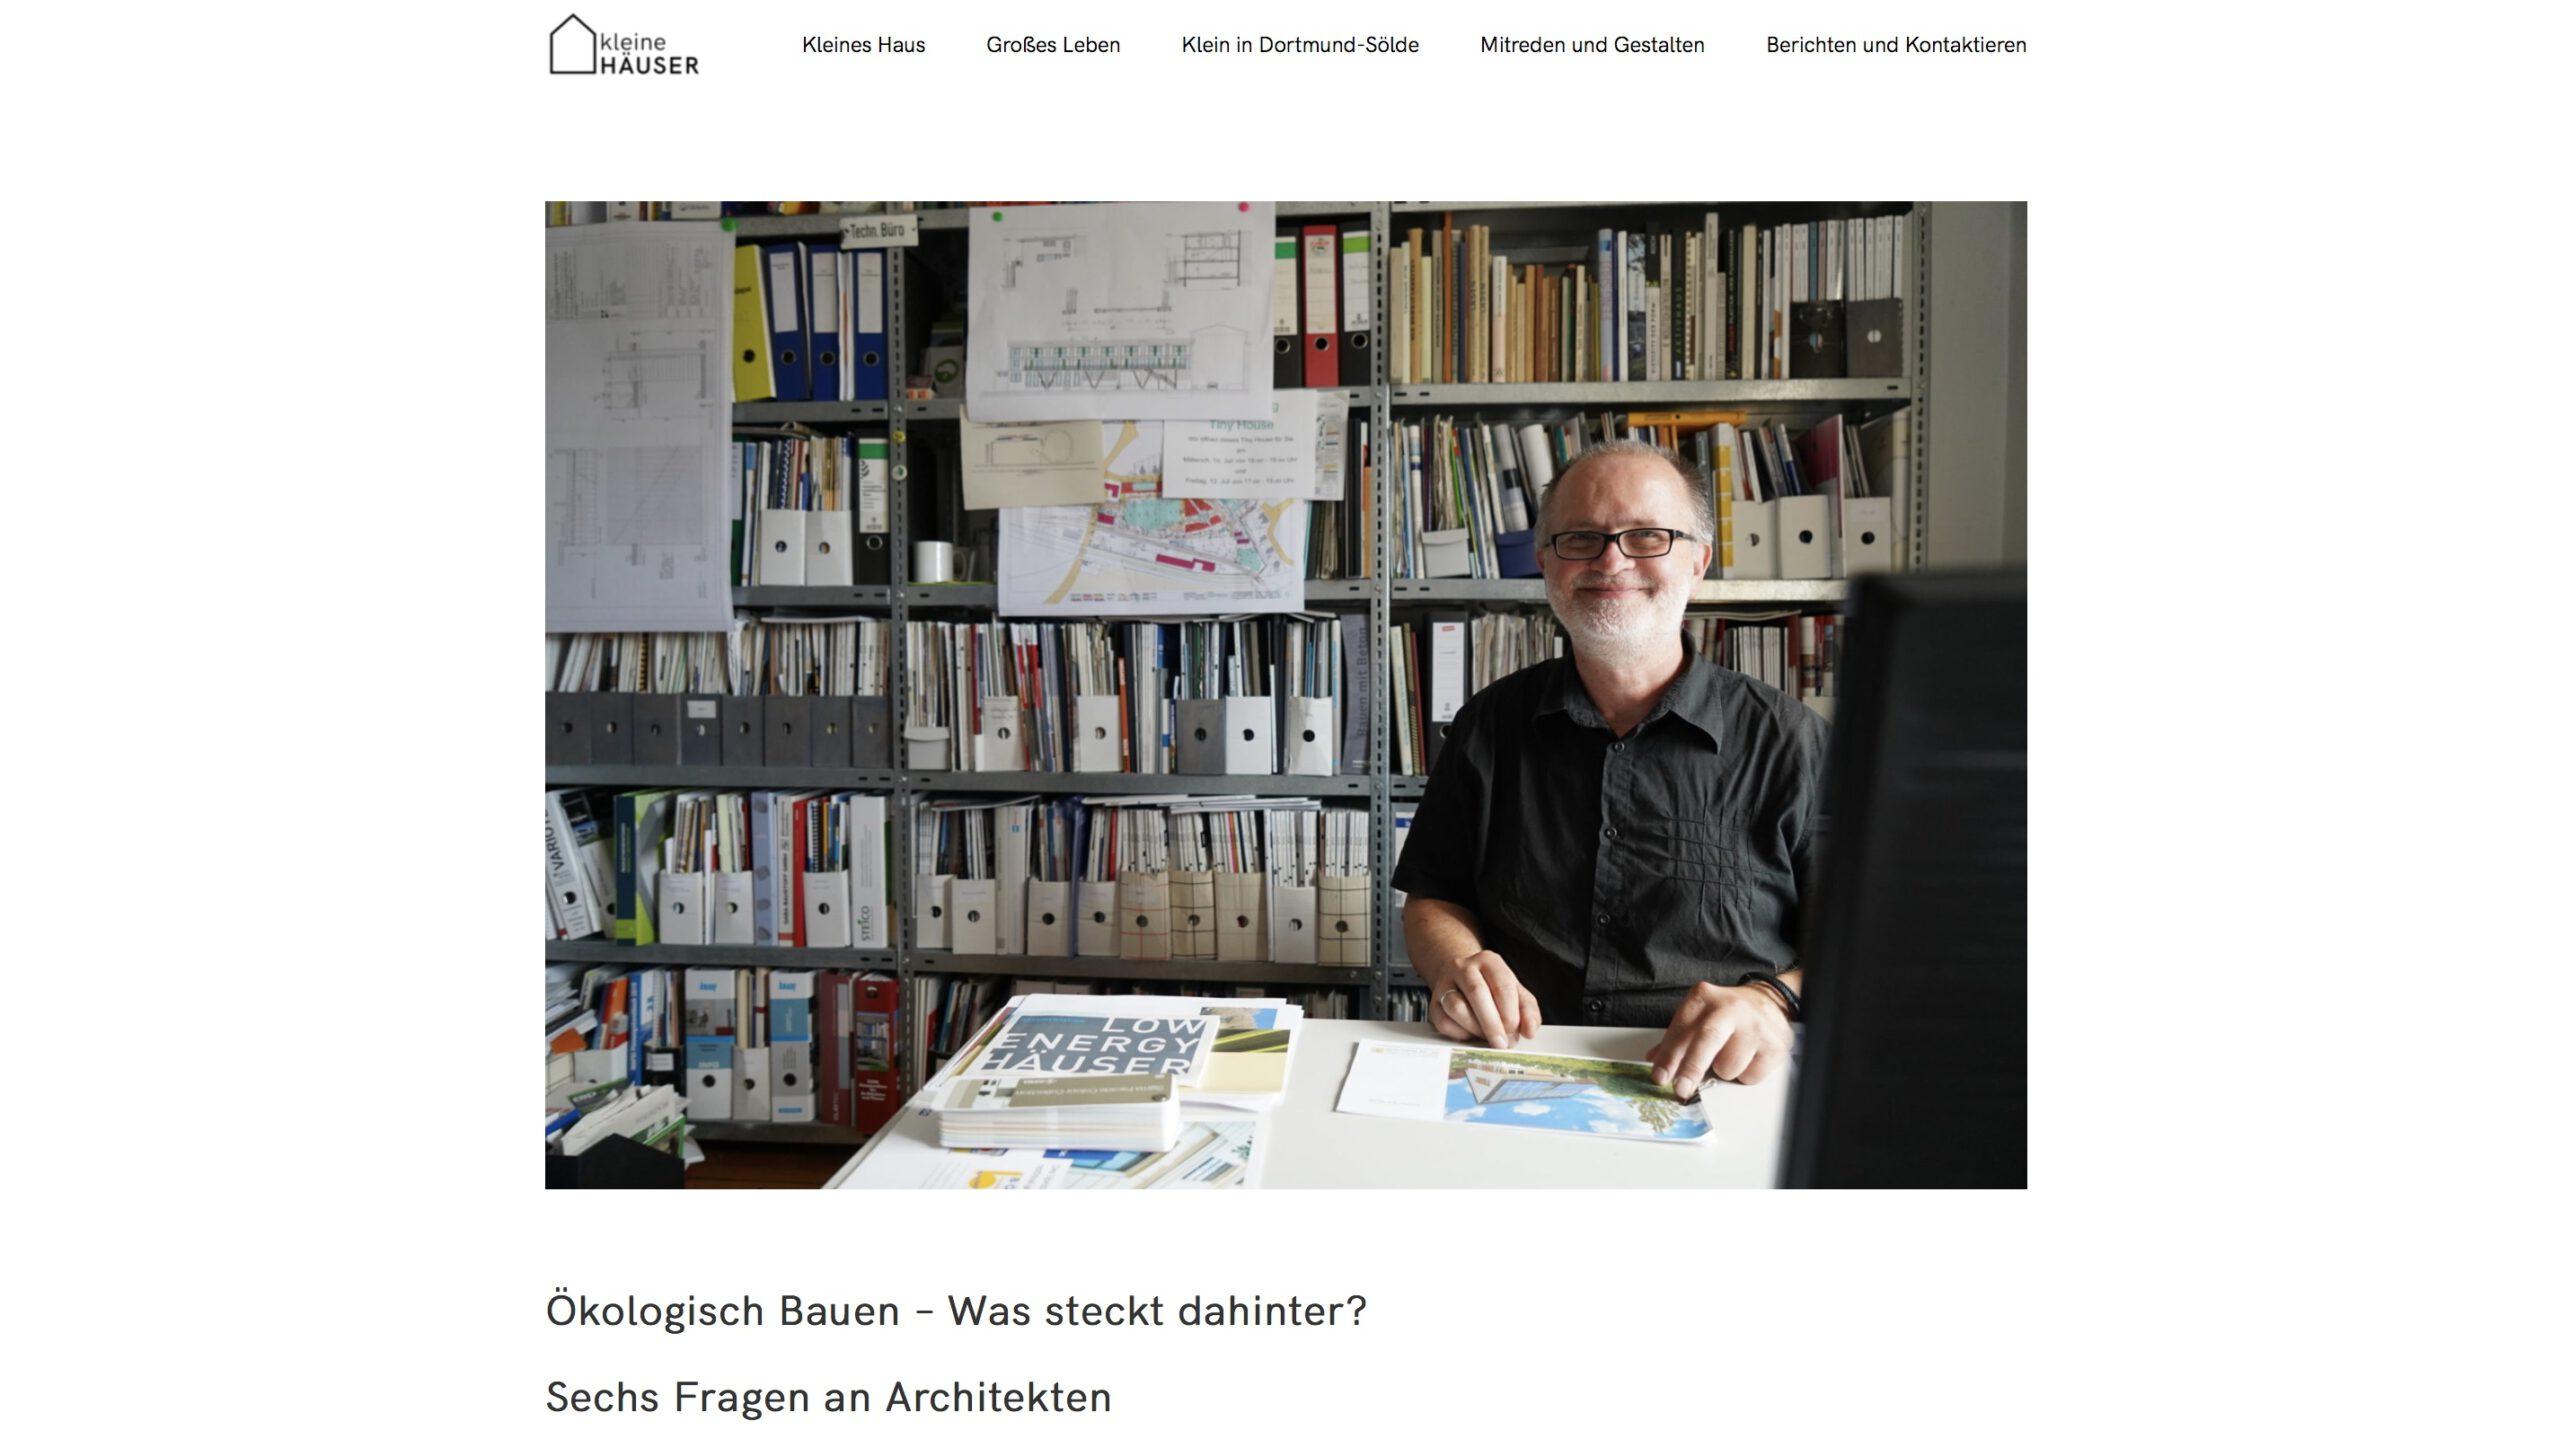 Moduldrei Referenz – Kleine Häuser Dortmund, Architekt Becker